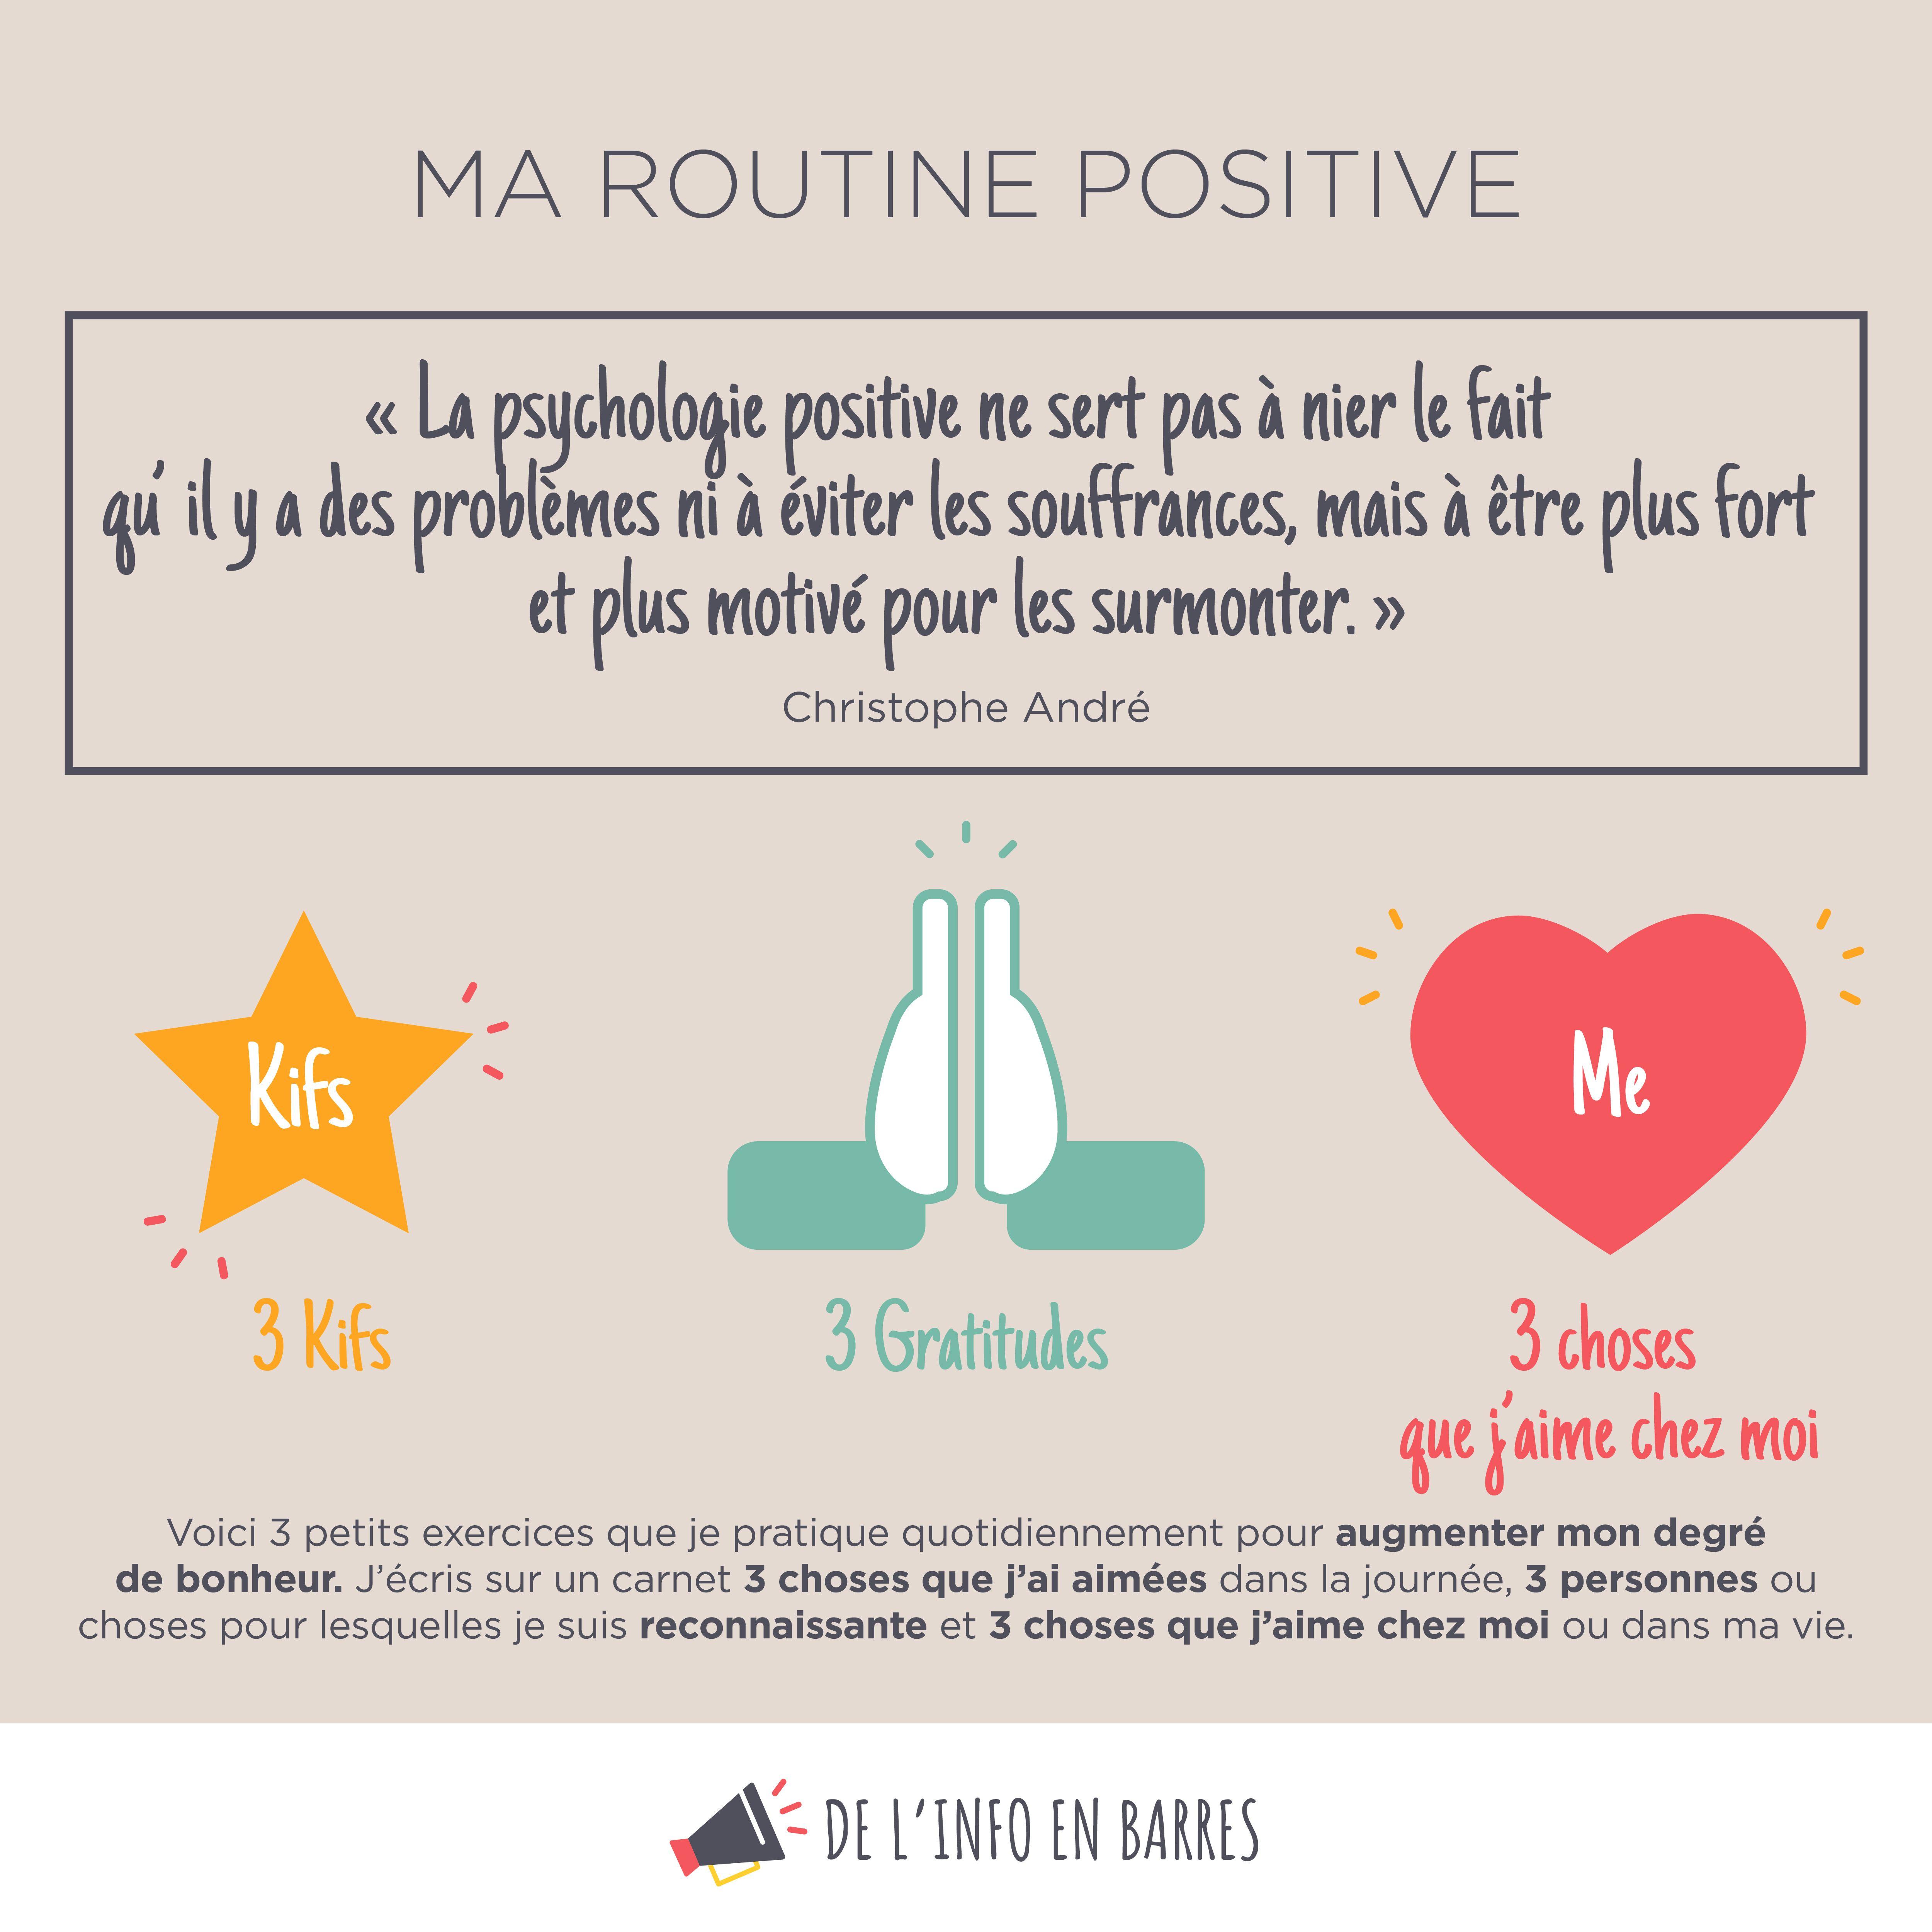 Infographies Du Bonheur En Barres Developpement Personnel Bien Etre Etre Heureux Psychologie Positive Faits De Psychologie Psychologie